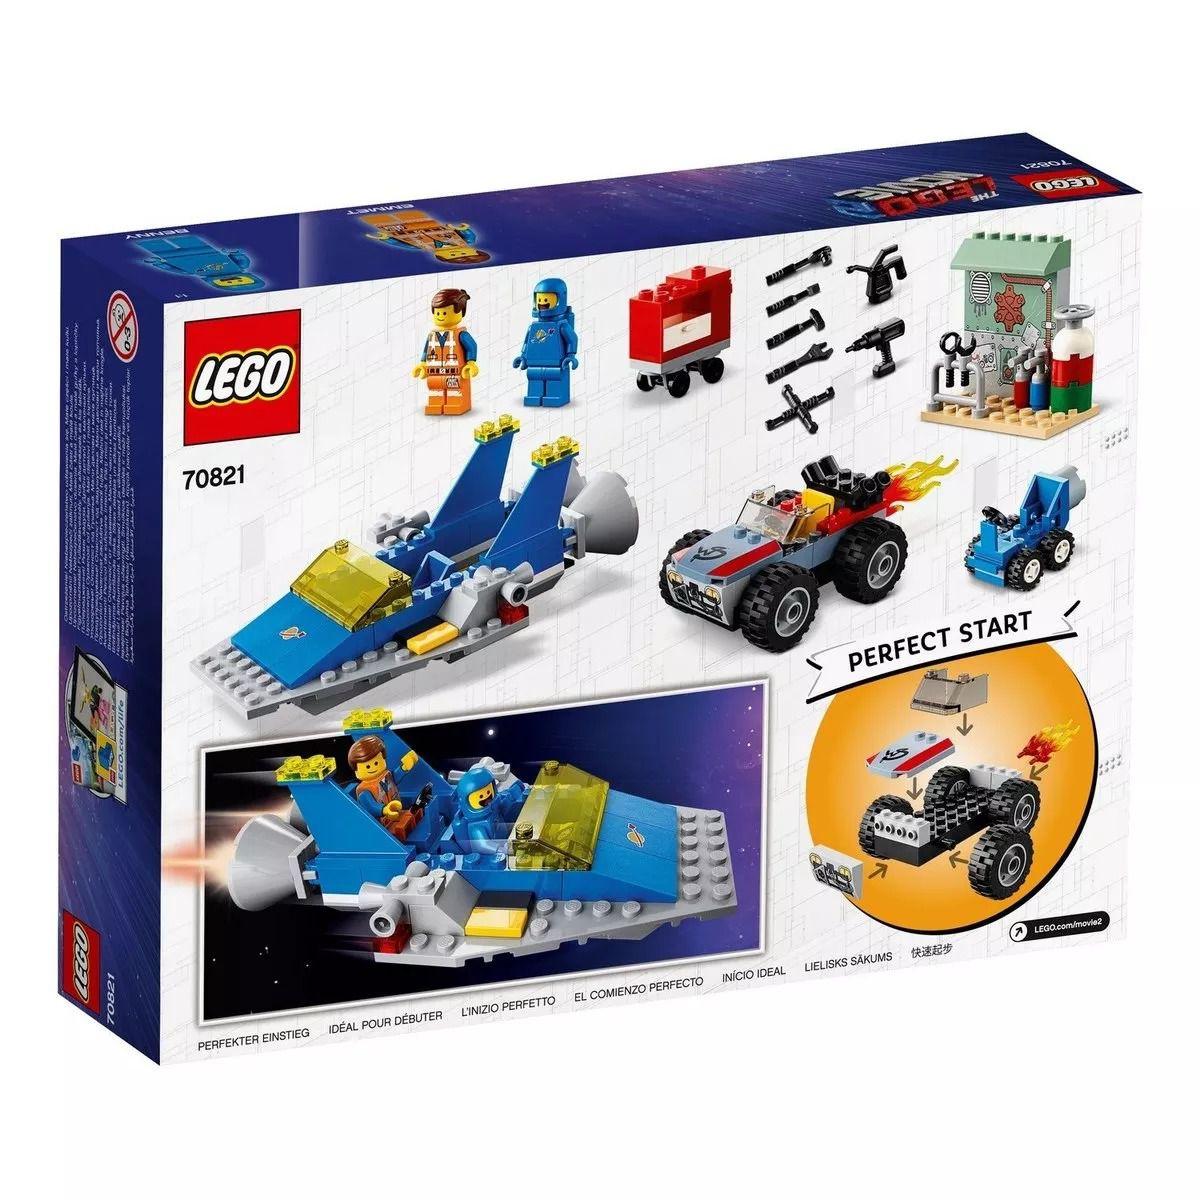 Lego 70821 Movie - O Filme 2 - Oficina Constroi E Conserta De Emmet E Benny – 117 peças  - Doce Diversão